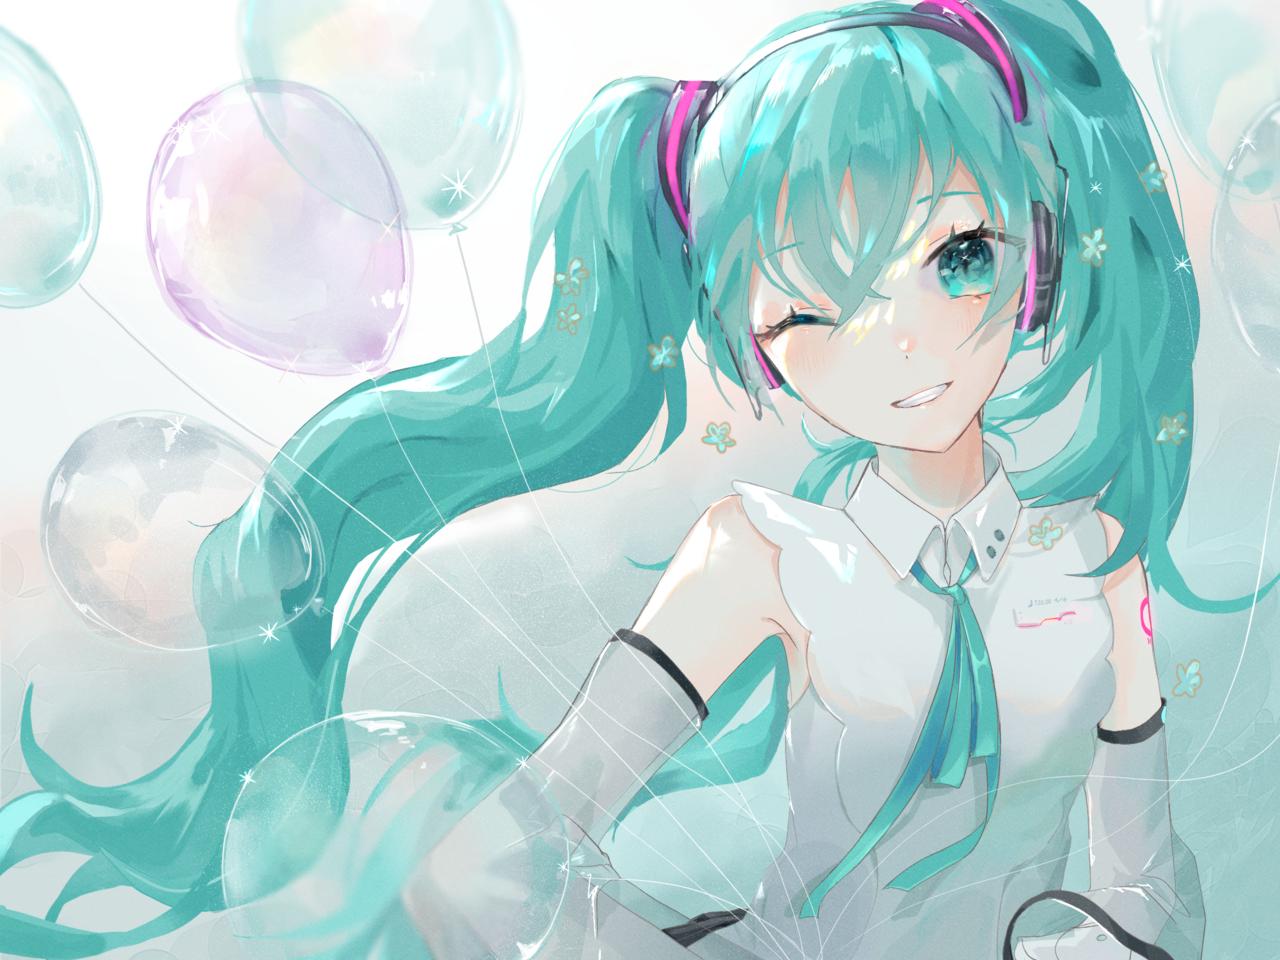 ミクのひ! Illust of neon VOCALOID hatsunemiku illustration ミクの日 Balloon